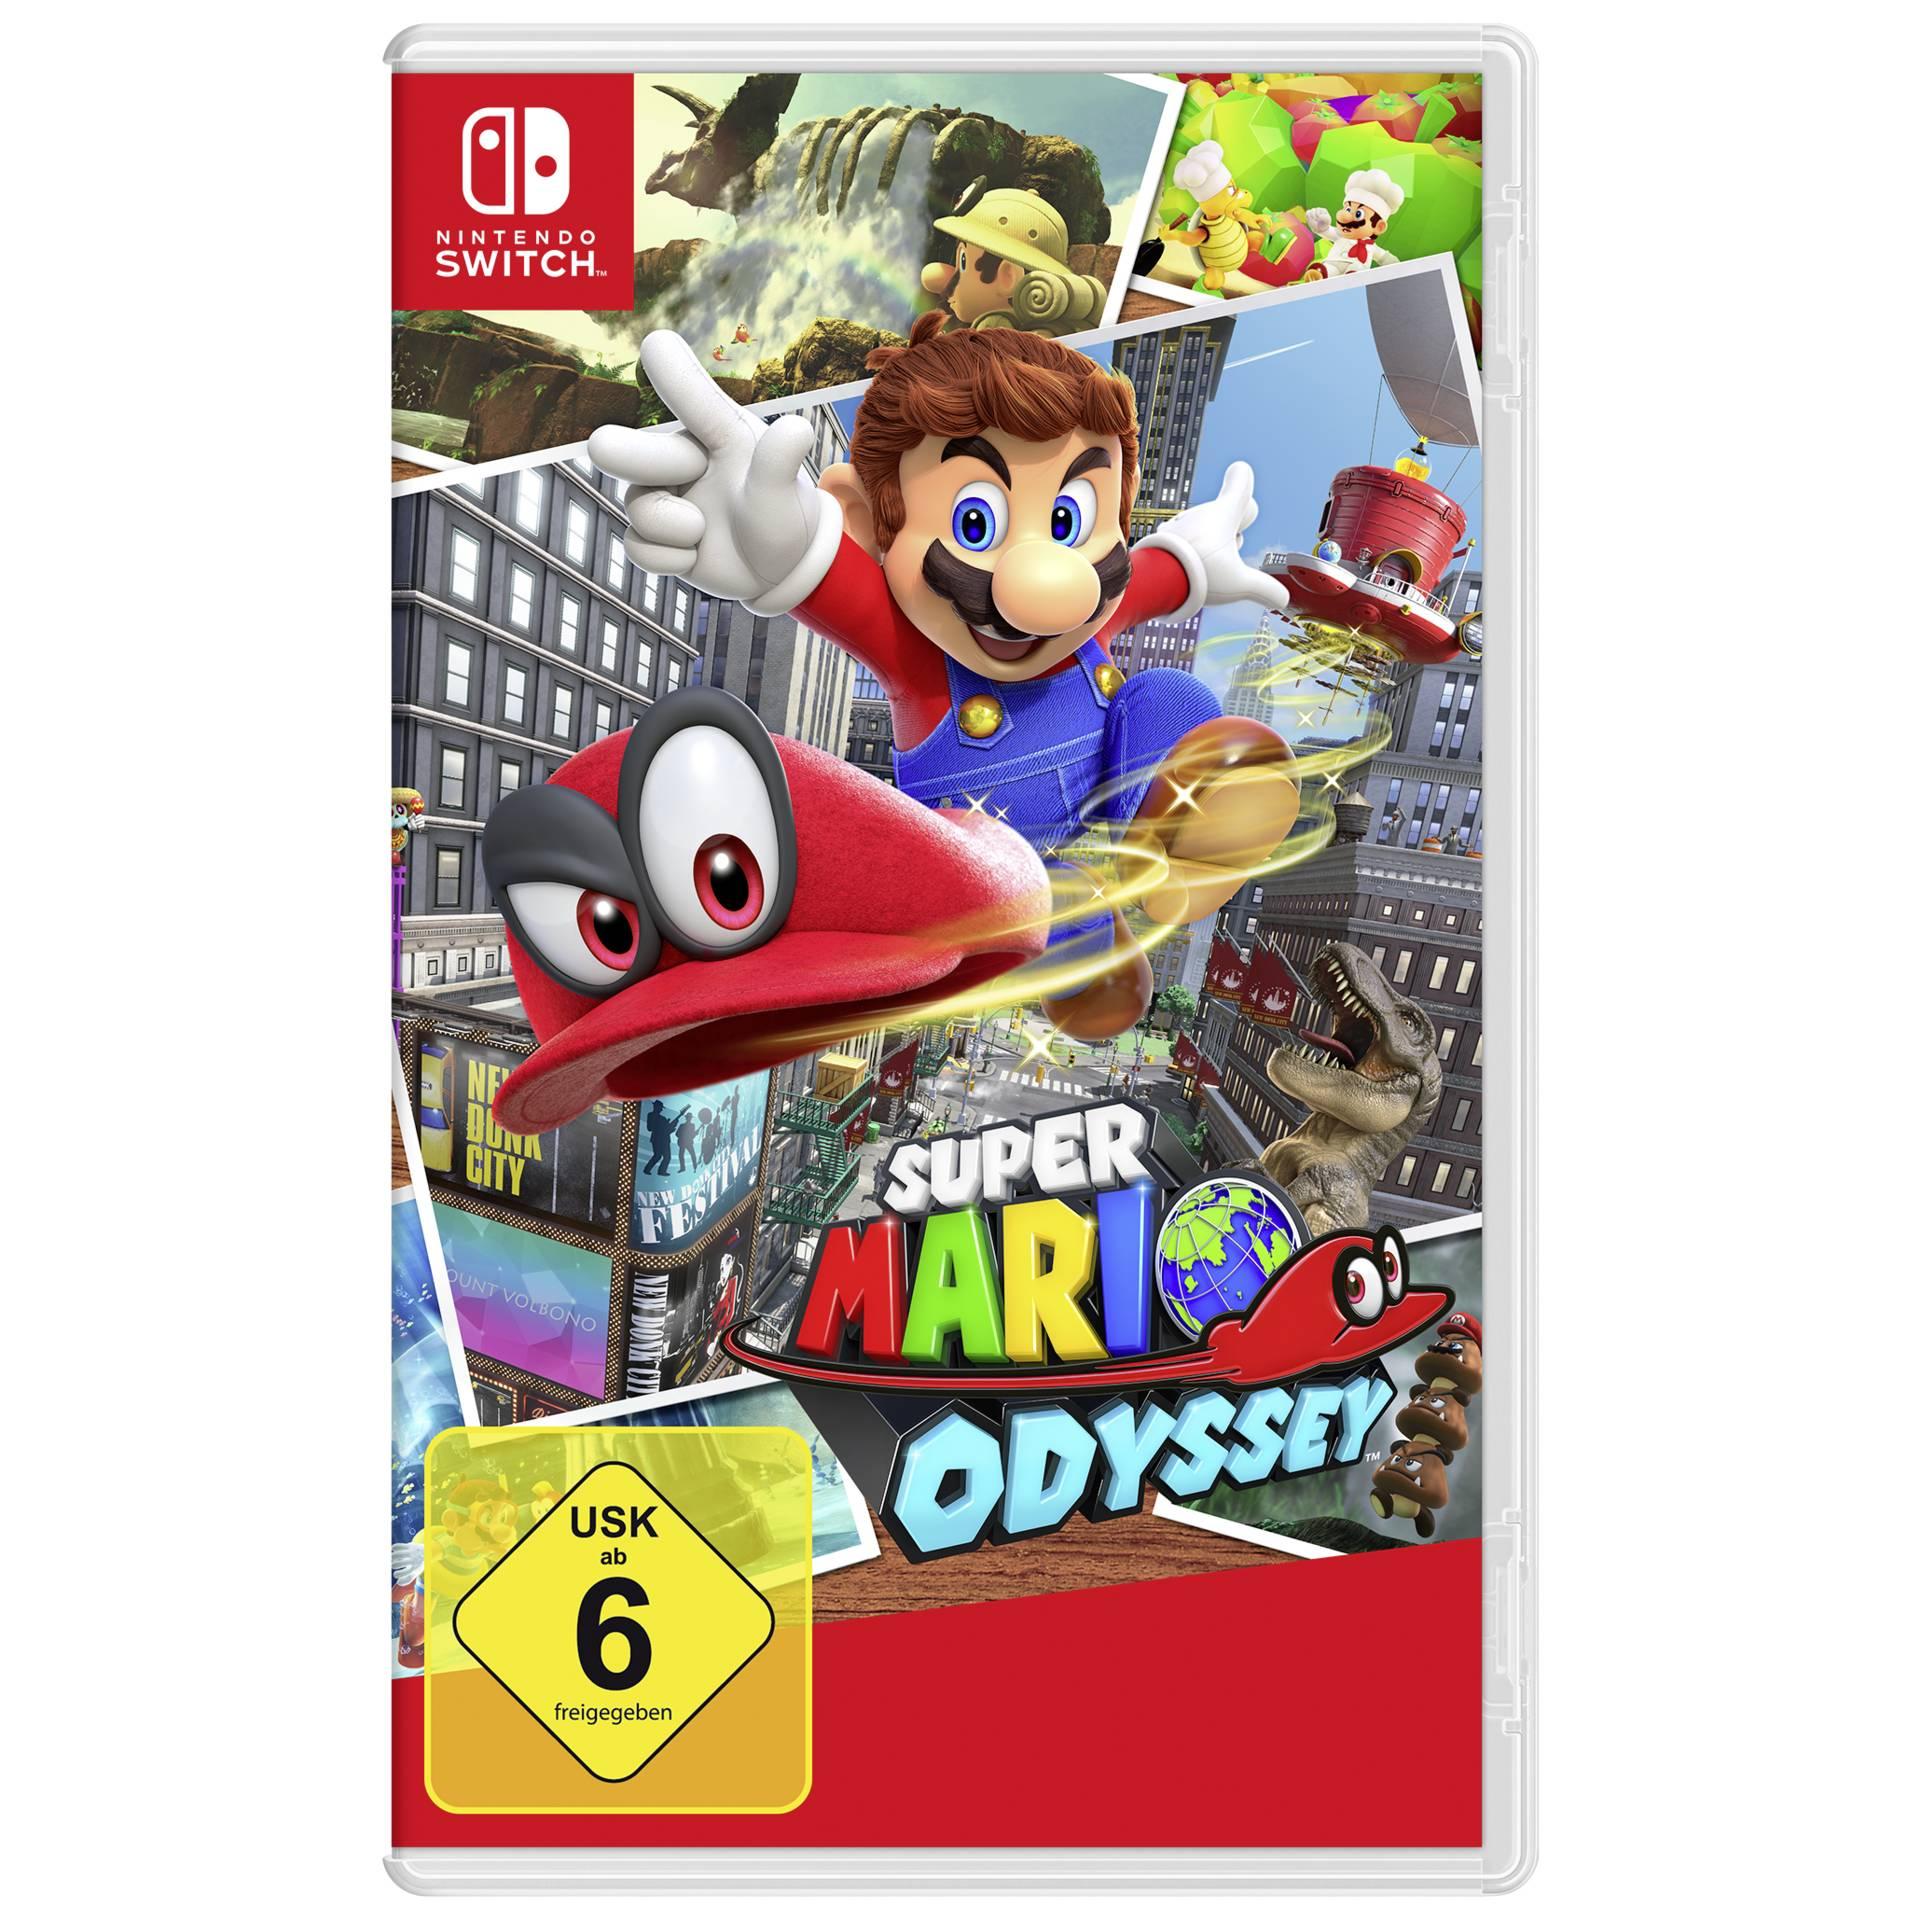 [Maingau Kunden inkl. NL Gutschein] Nintendo Switch Super Mario Odyssey